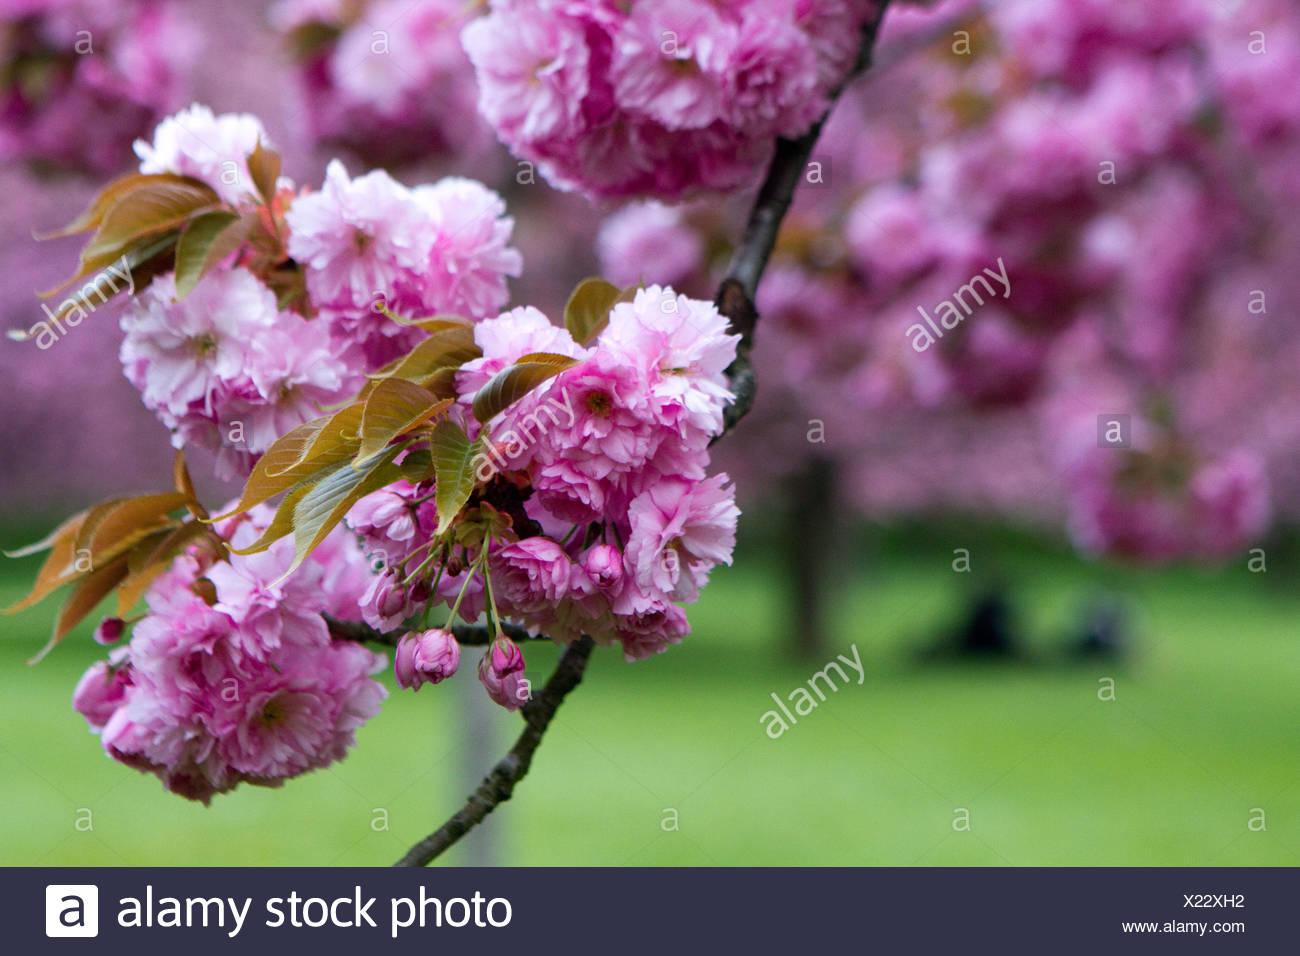 Von asiatischen Kirschblüten